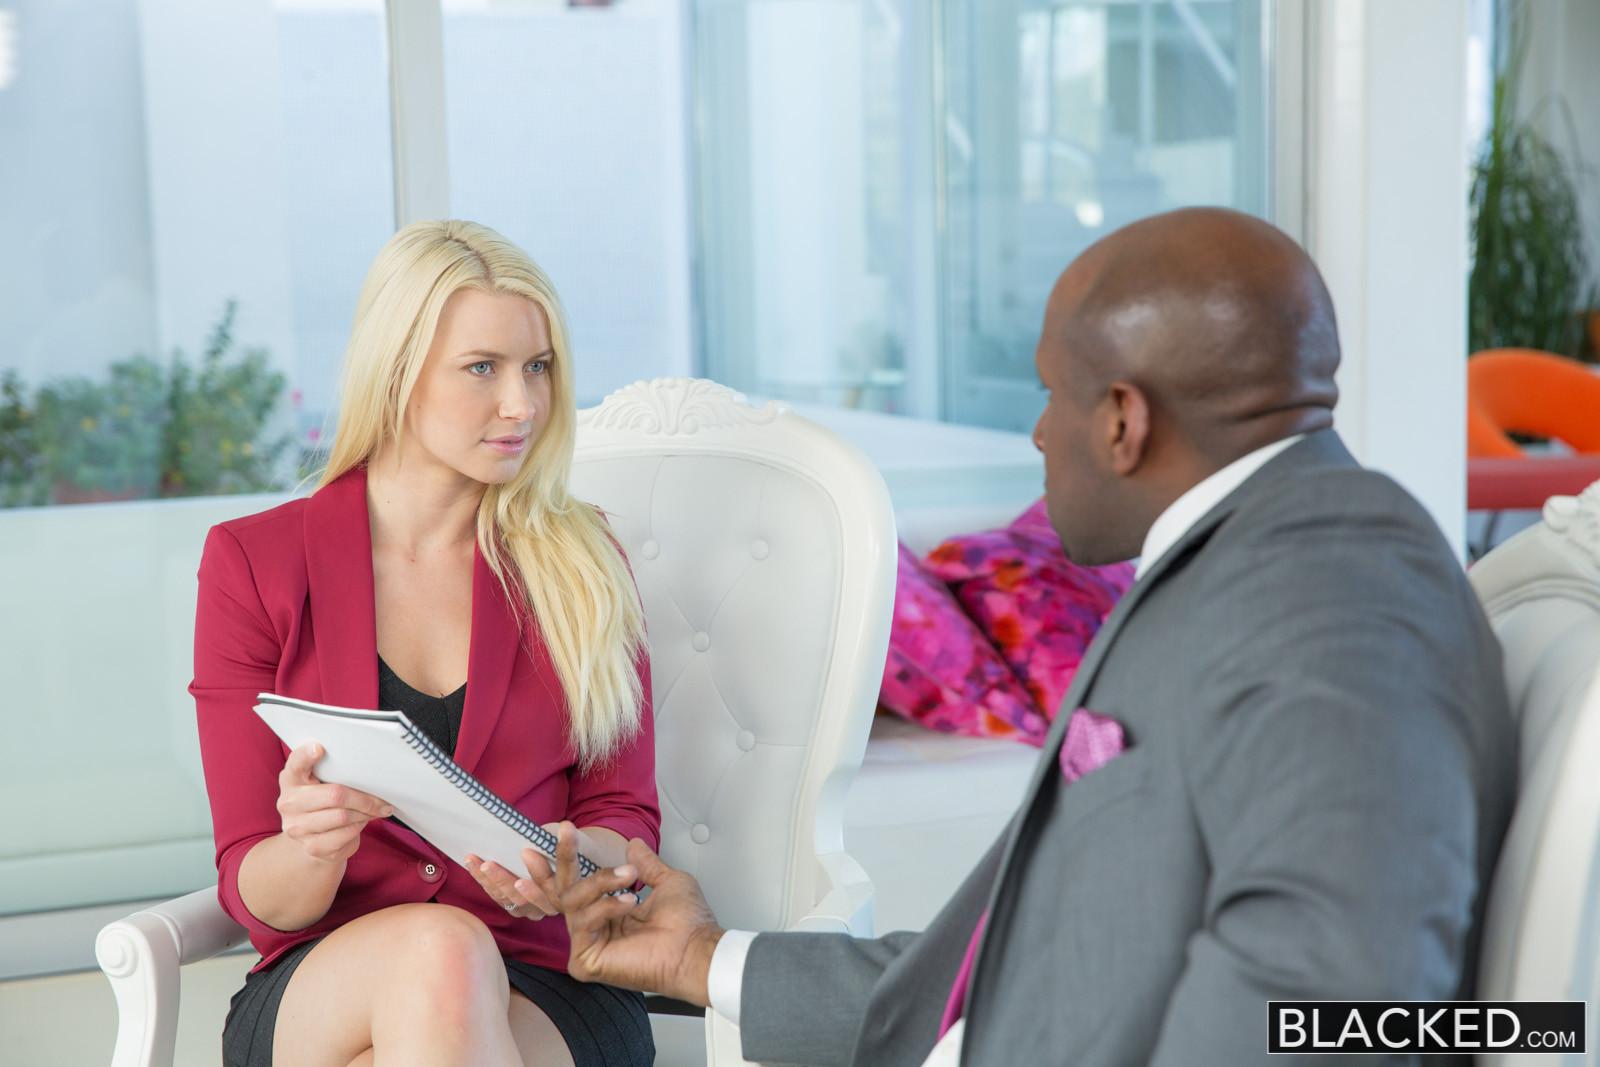 Бизнес-леди оказывается развратной сучкой, которая готова принять негритянский член в себя